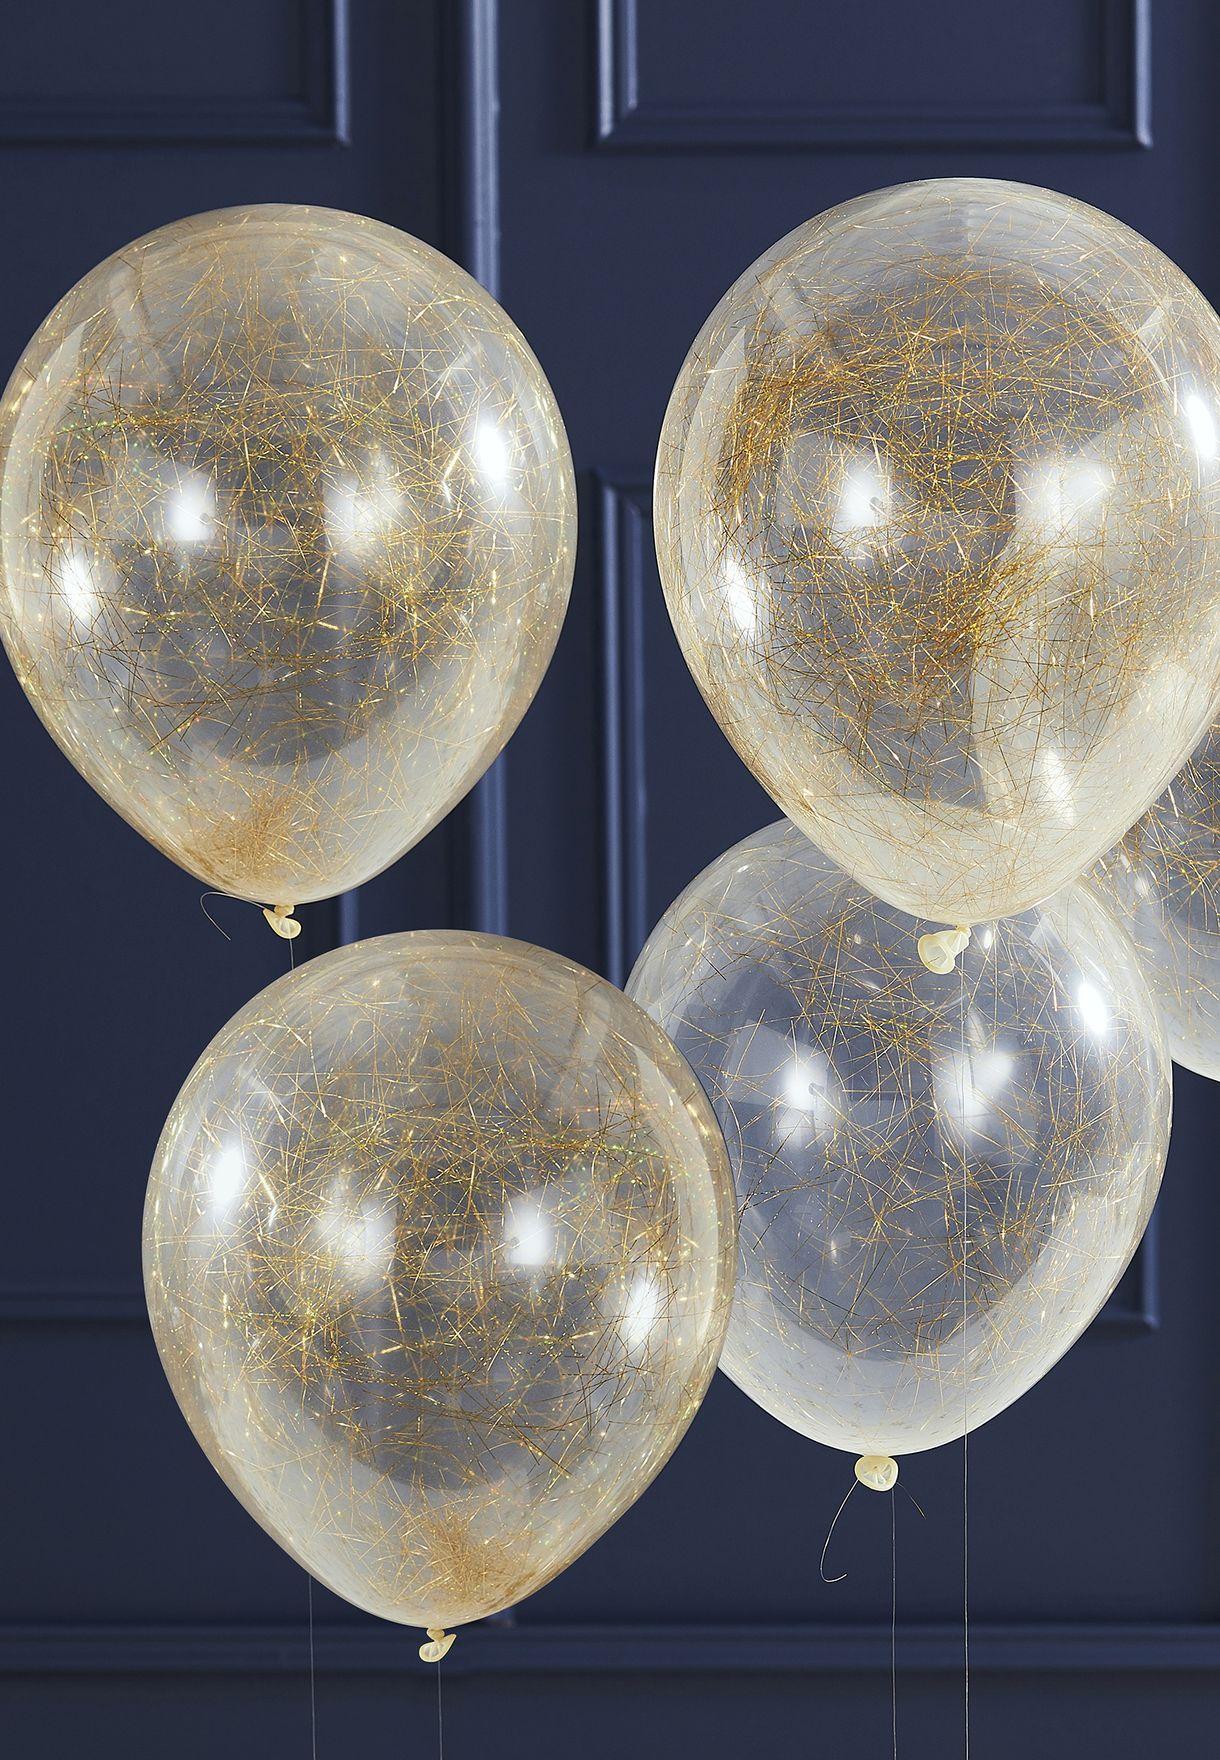 مجموعة بالونات مع خيوط ذهبية